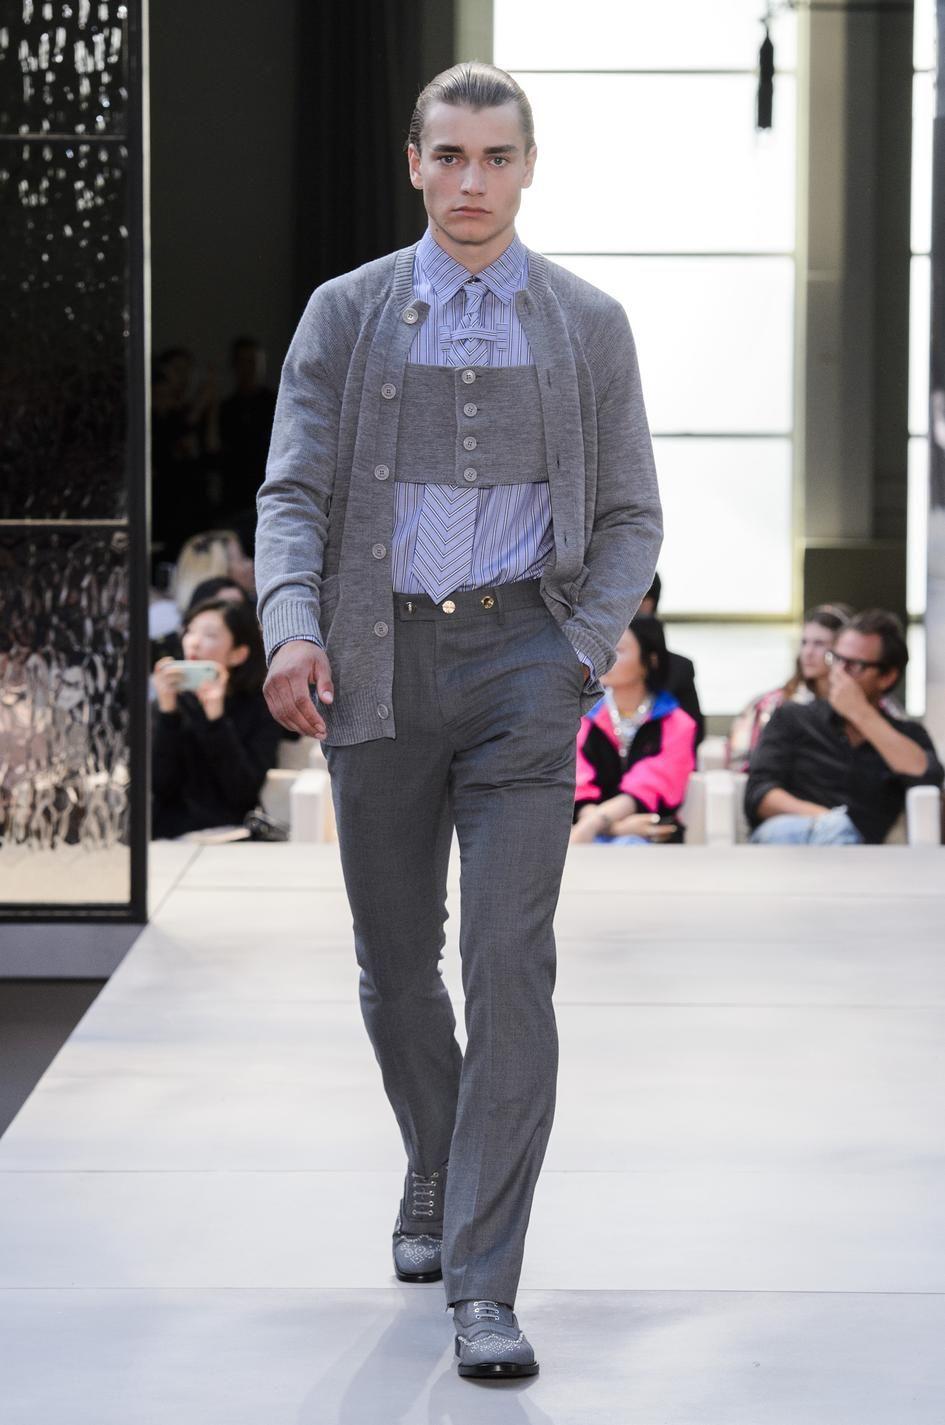 1632f69a48b4 Défilé Burberry Prêt-à-porter printemps-été 2019 Londres Homme Menswear  Riccardo Tisci